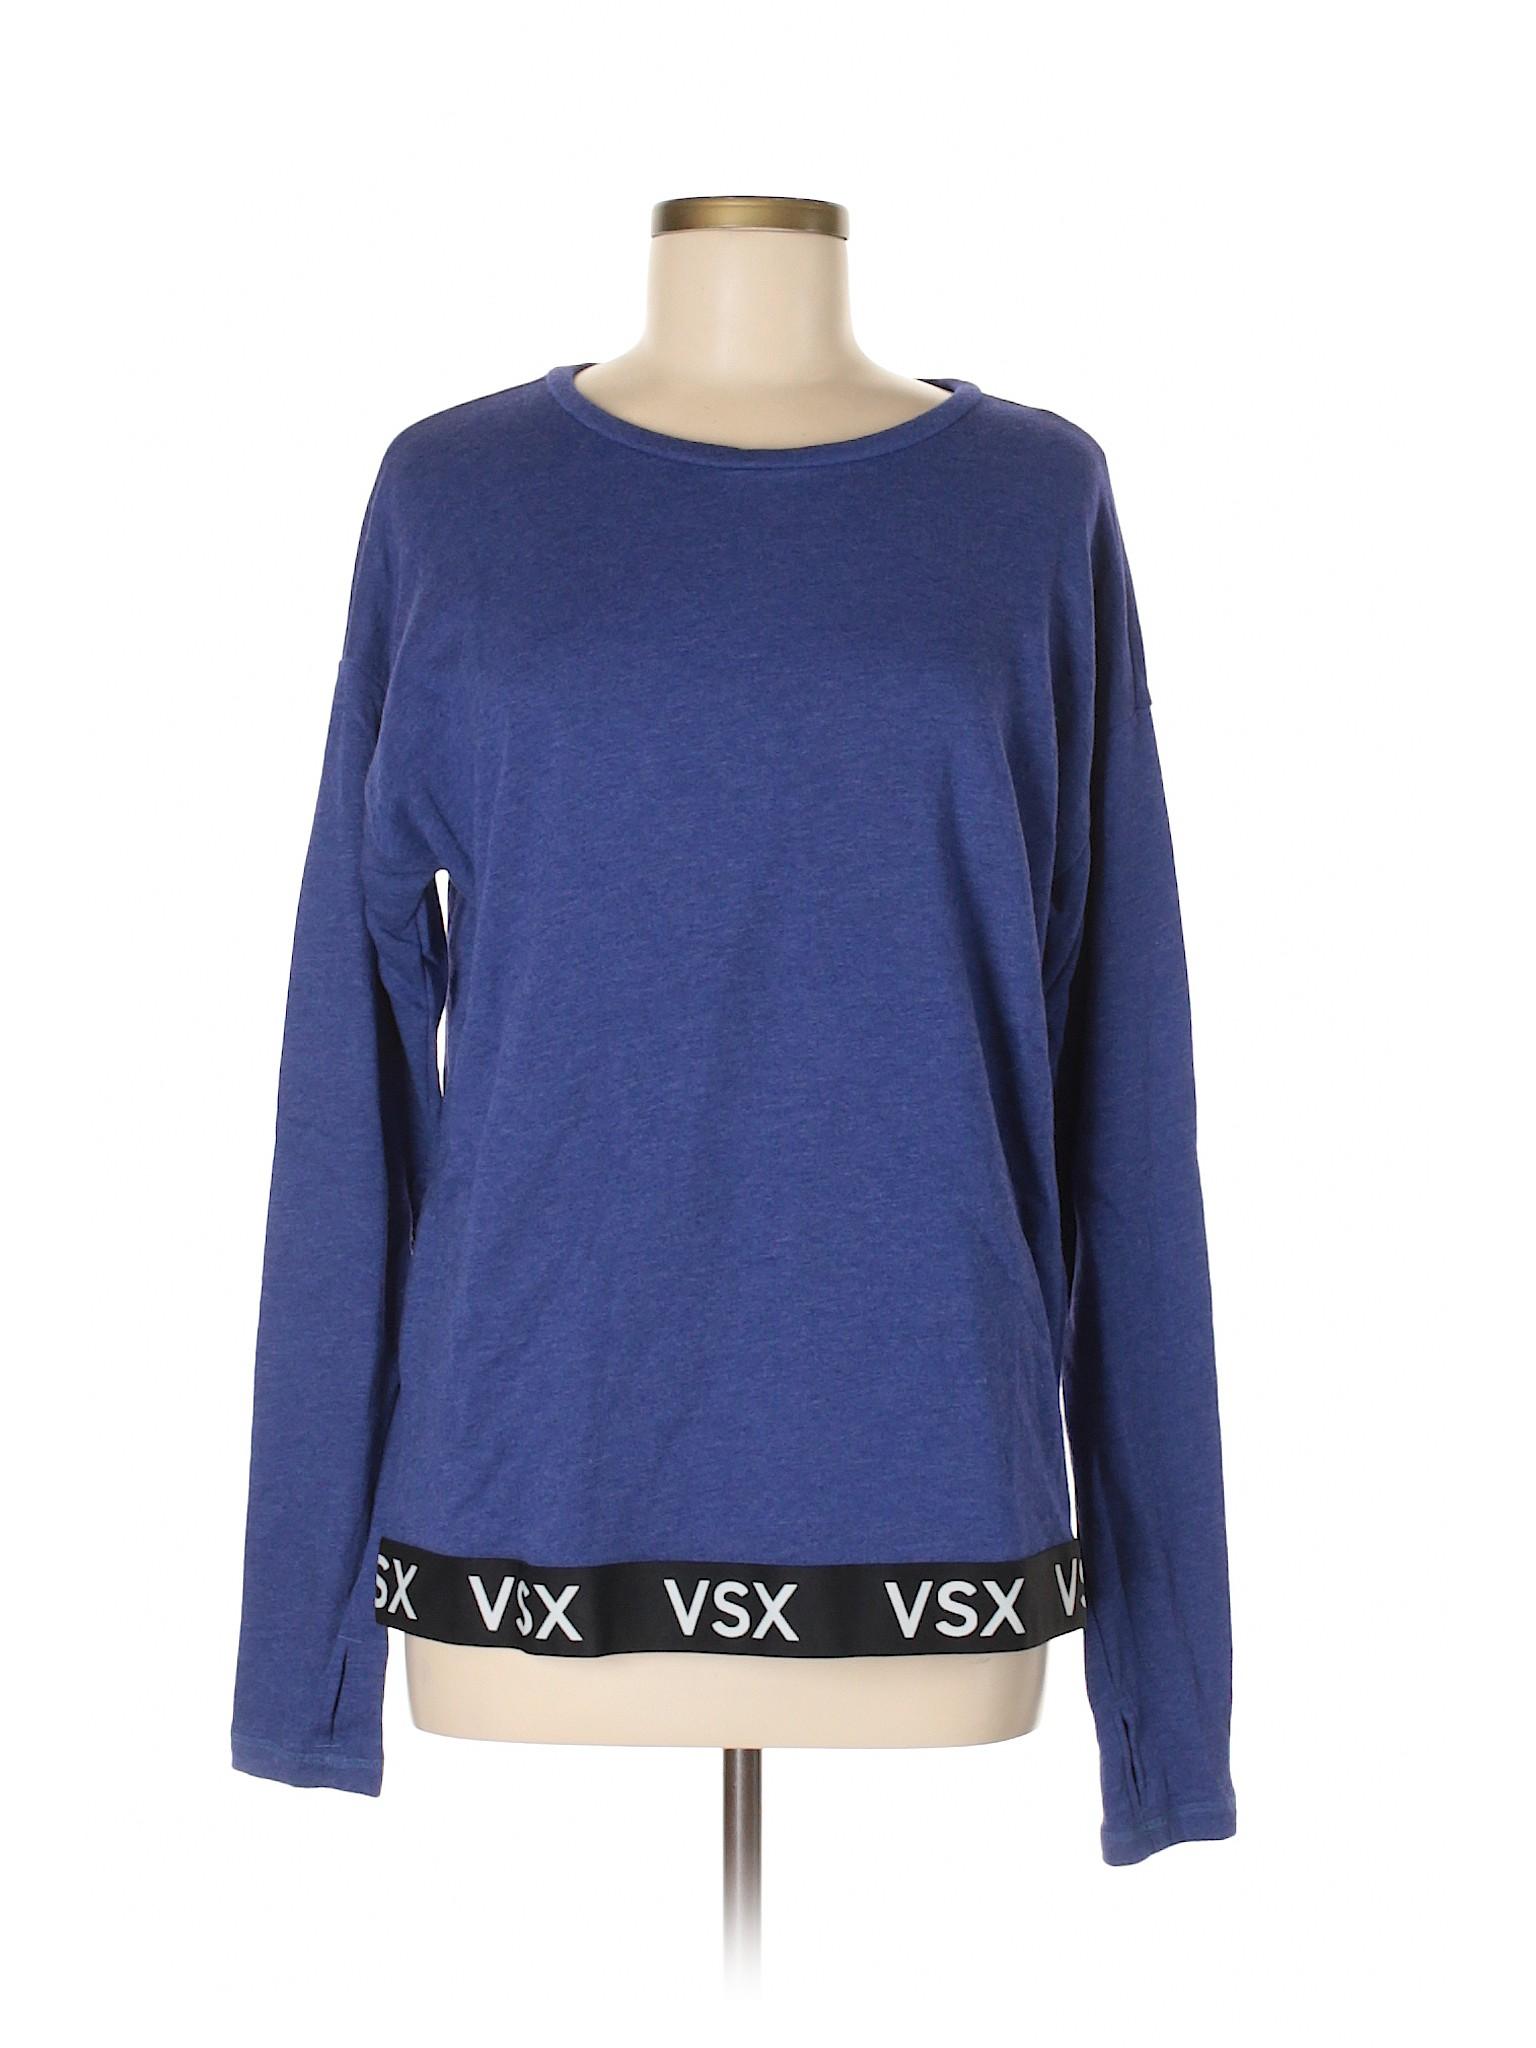 Sweater Pullover Boutique Sport Boutique VSX VSX wRqpS4Z